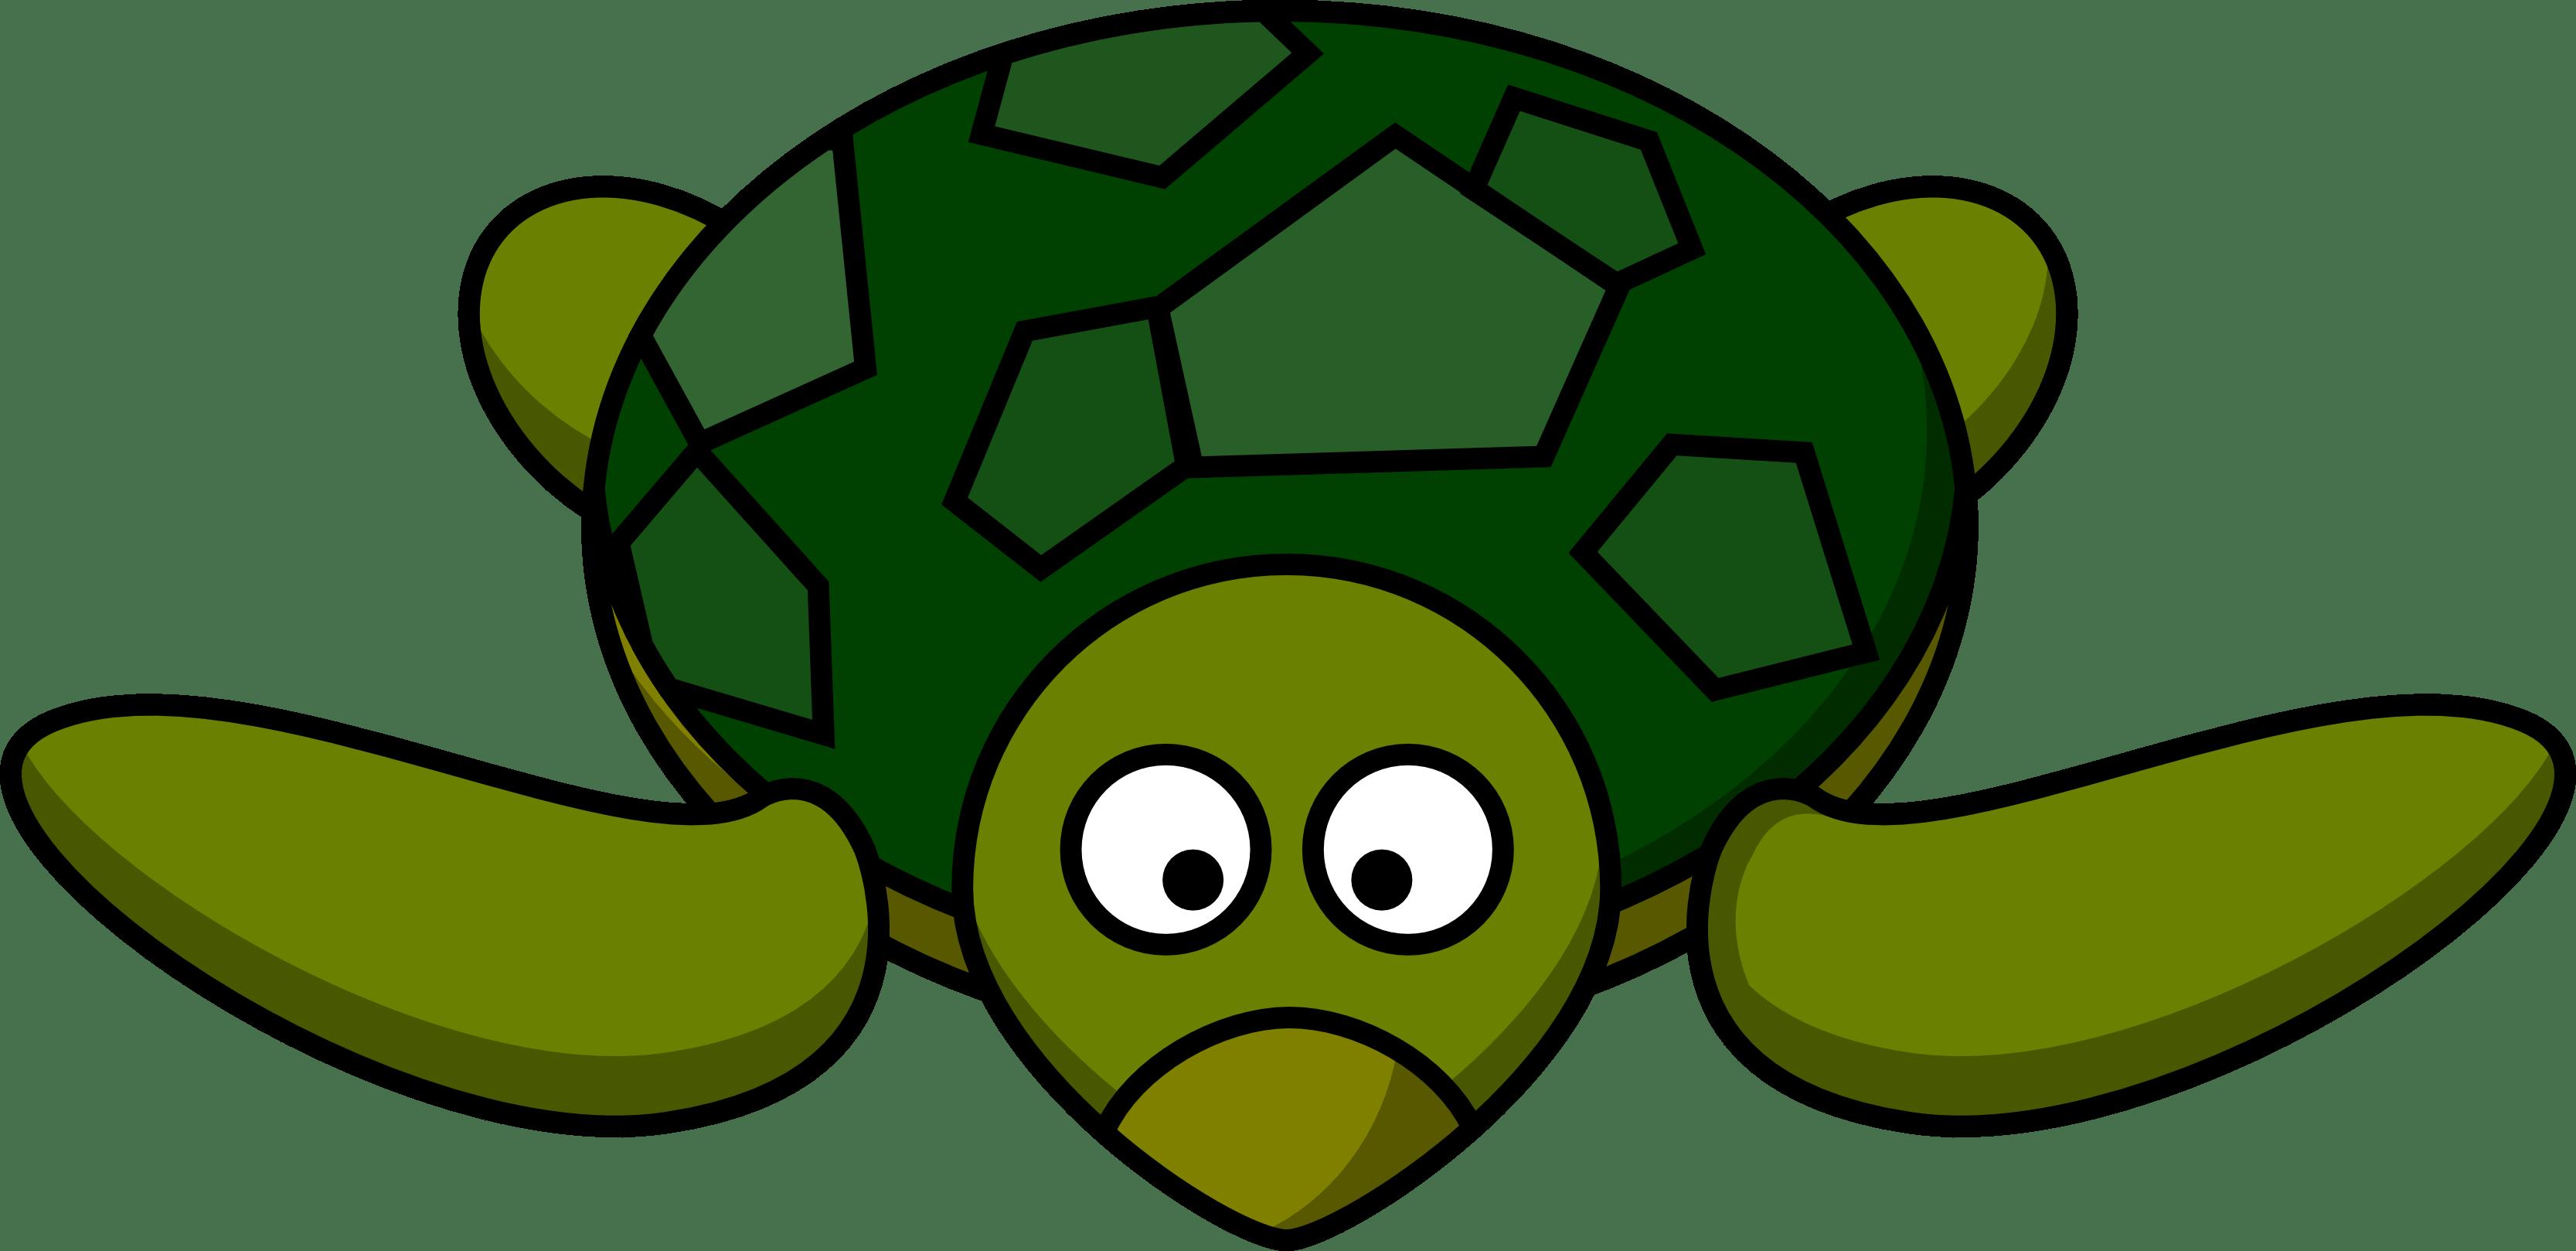 Sea Turtle Drawing Tumblr